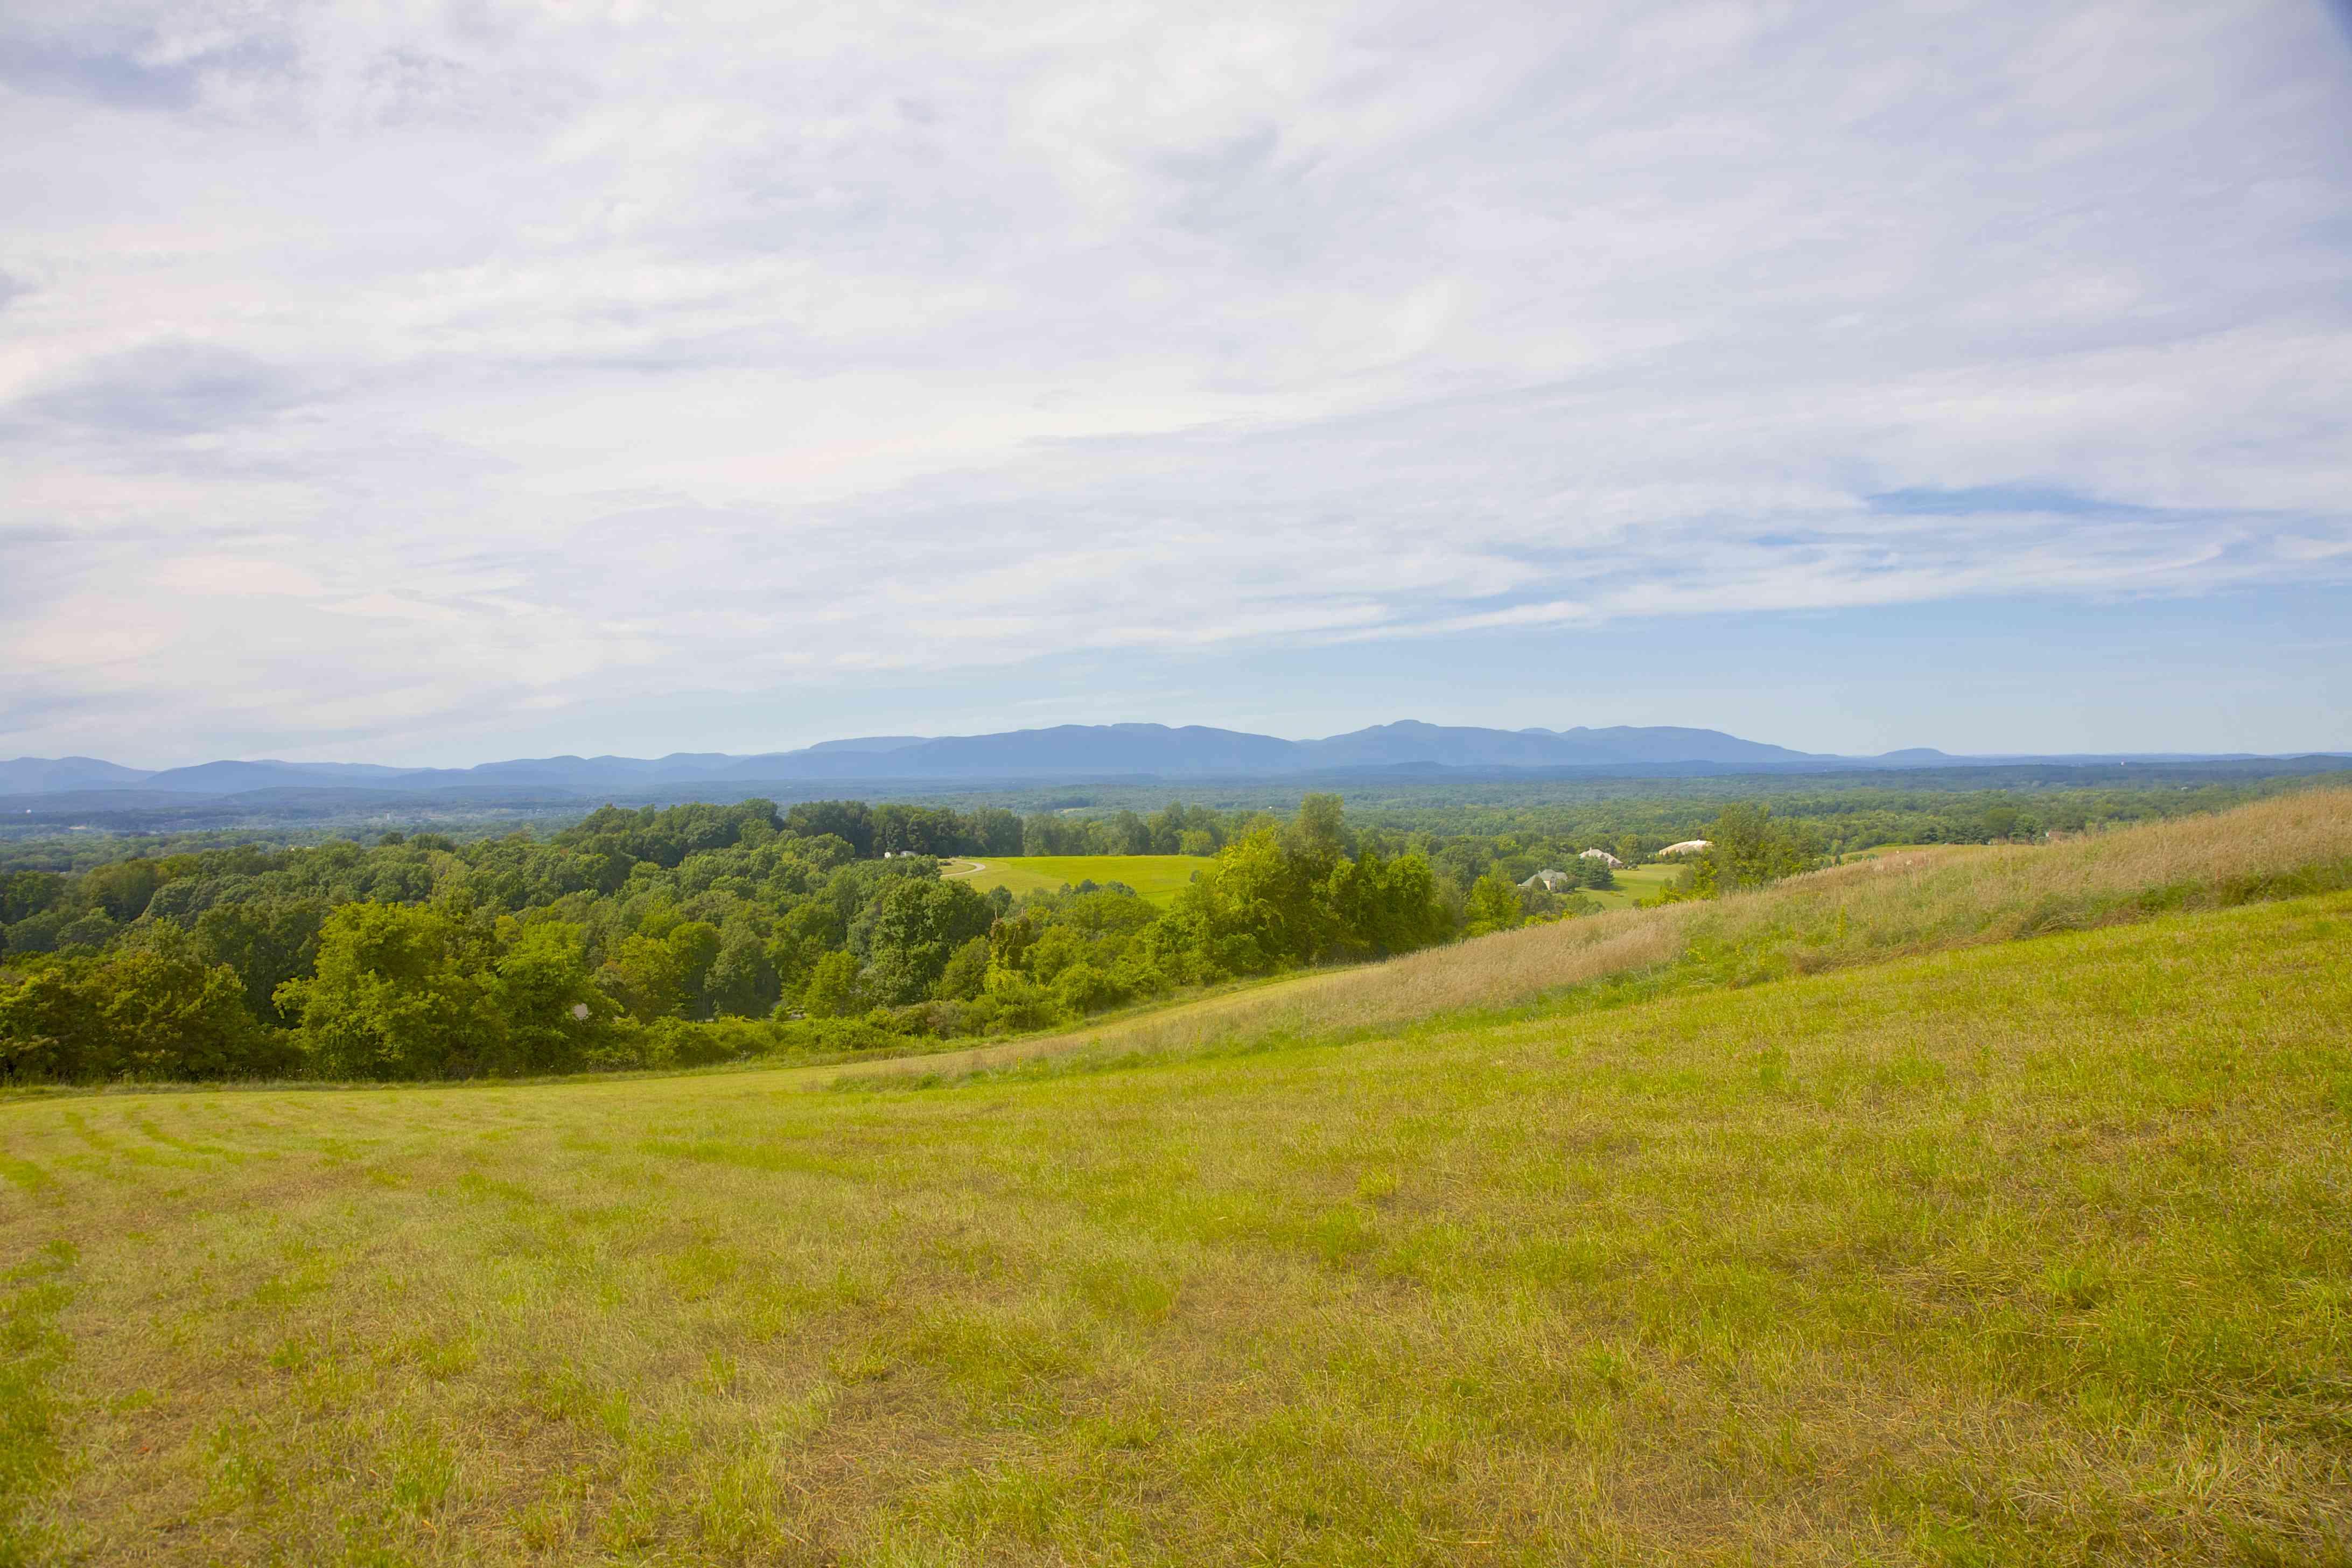 Hillside, trees and Catskill Mountains from Drayton Grant Park at Burger Hill, near Rhinebeck, NY